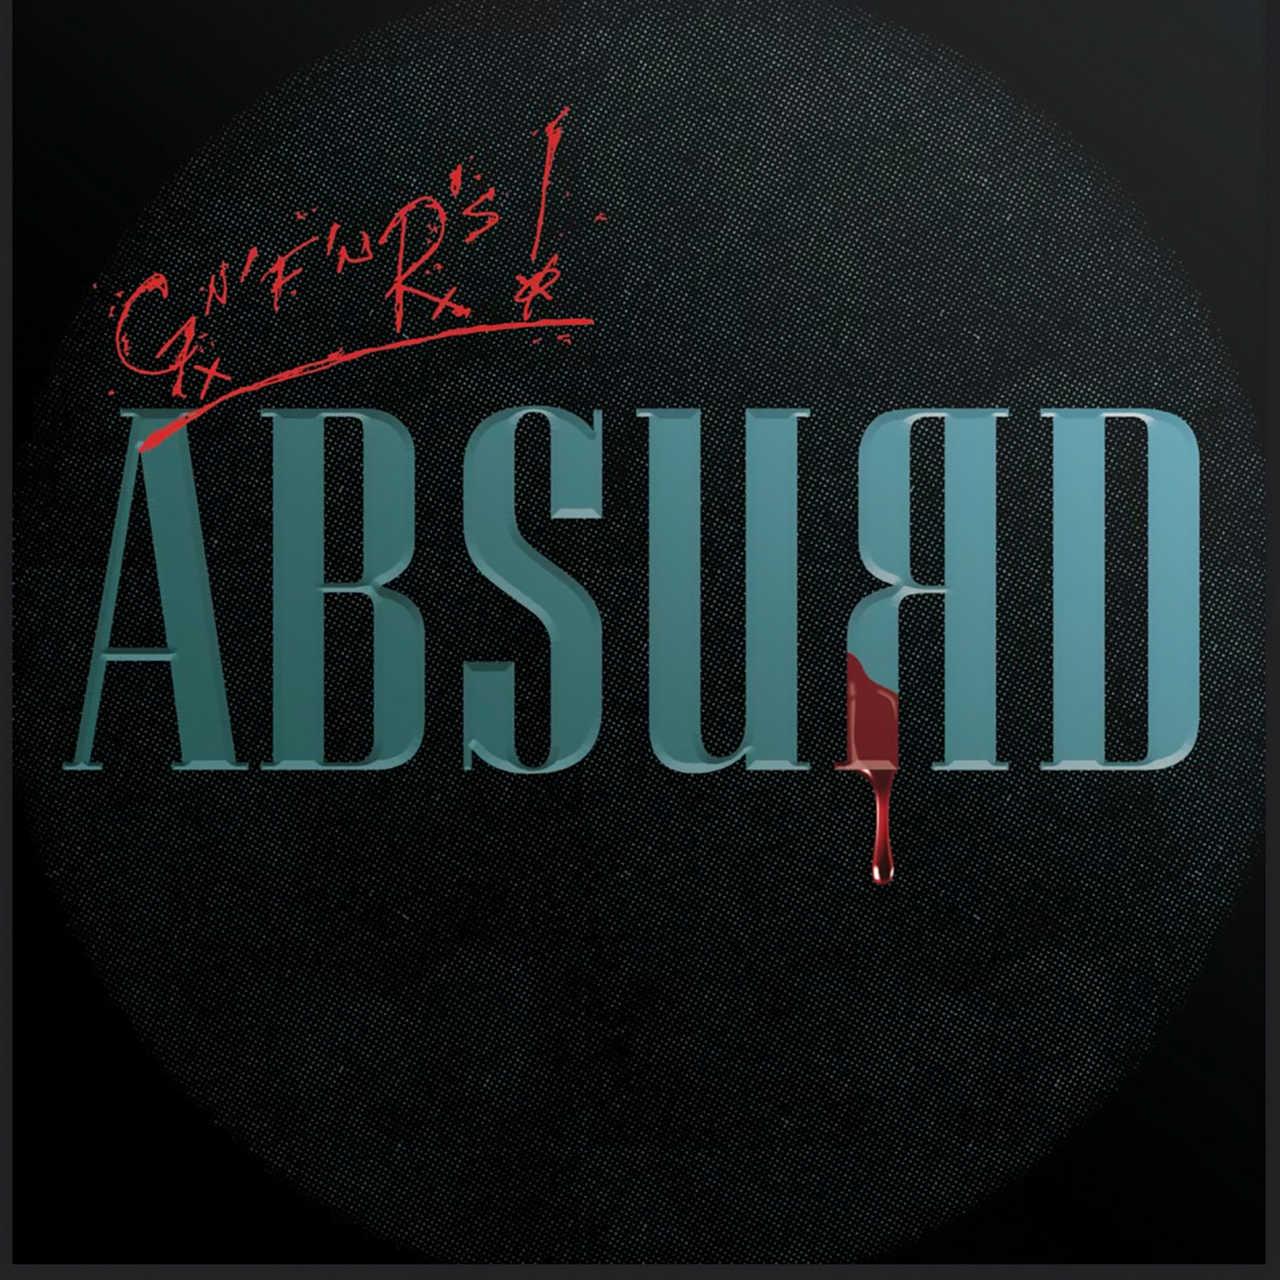 ガンズ・アンド・ローゼズ、新曲「ABSUЯD」をサプライズリリース!